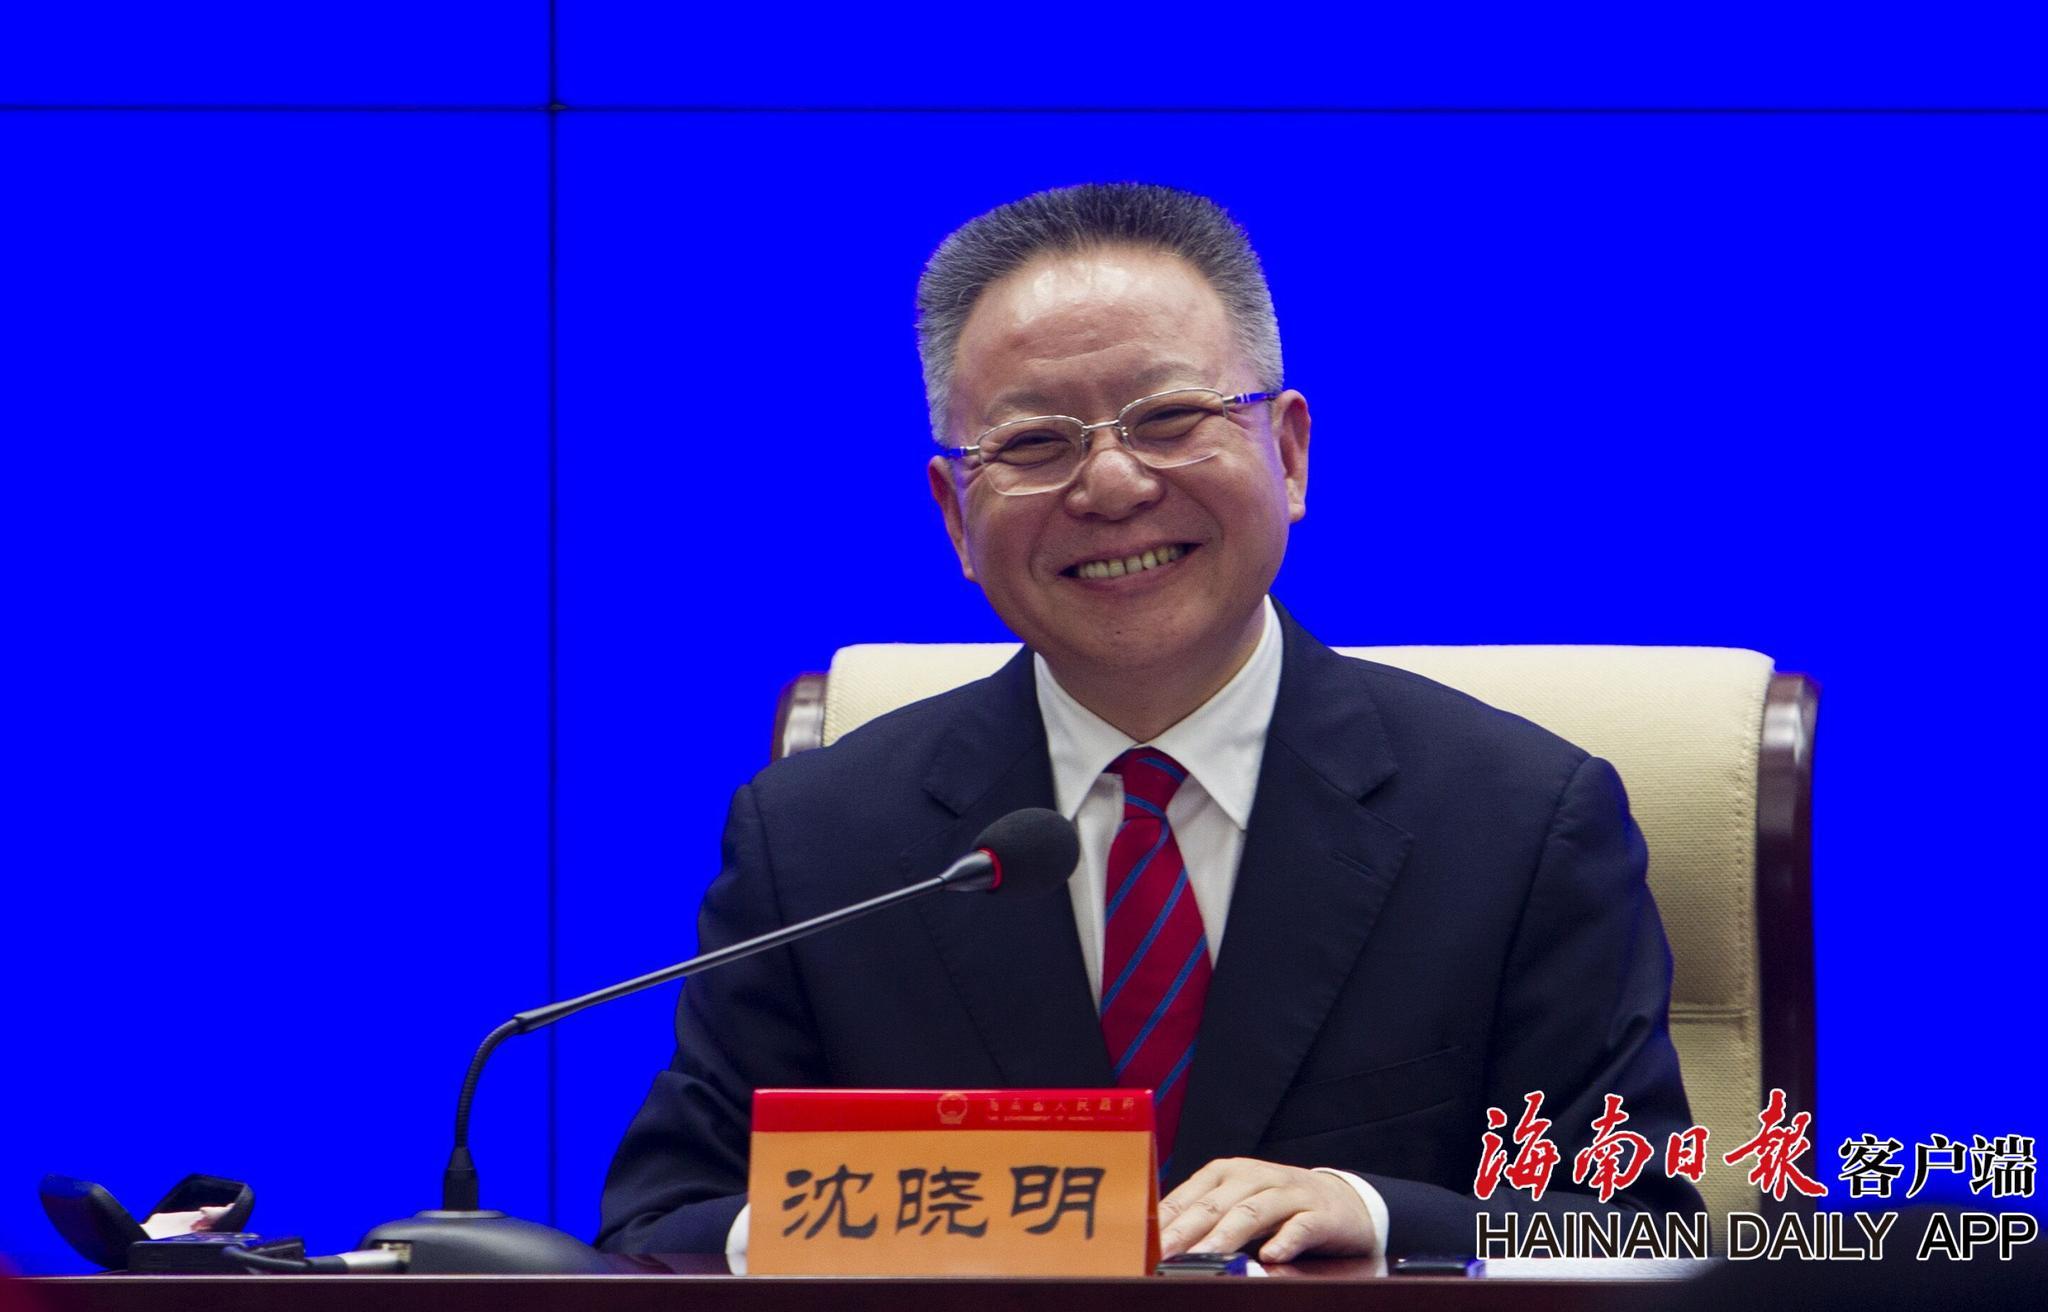 海南省省长沈晓明:2030年前全岛将使用新能源汽车